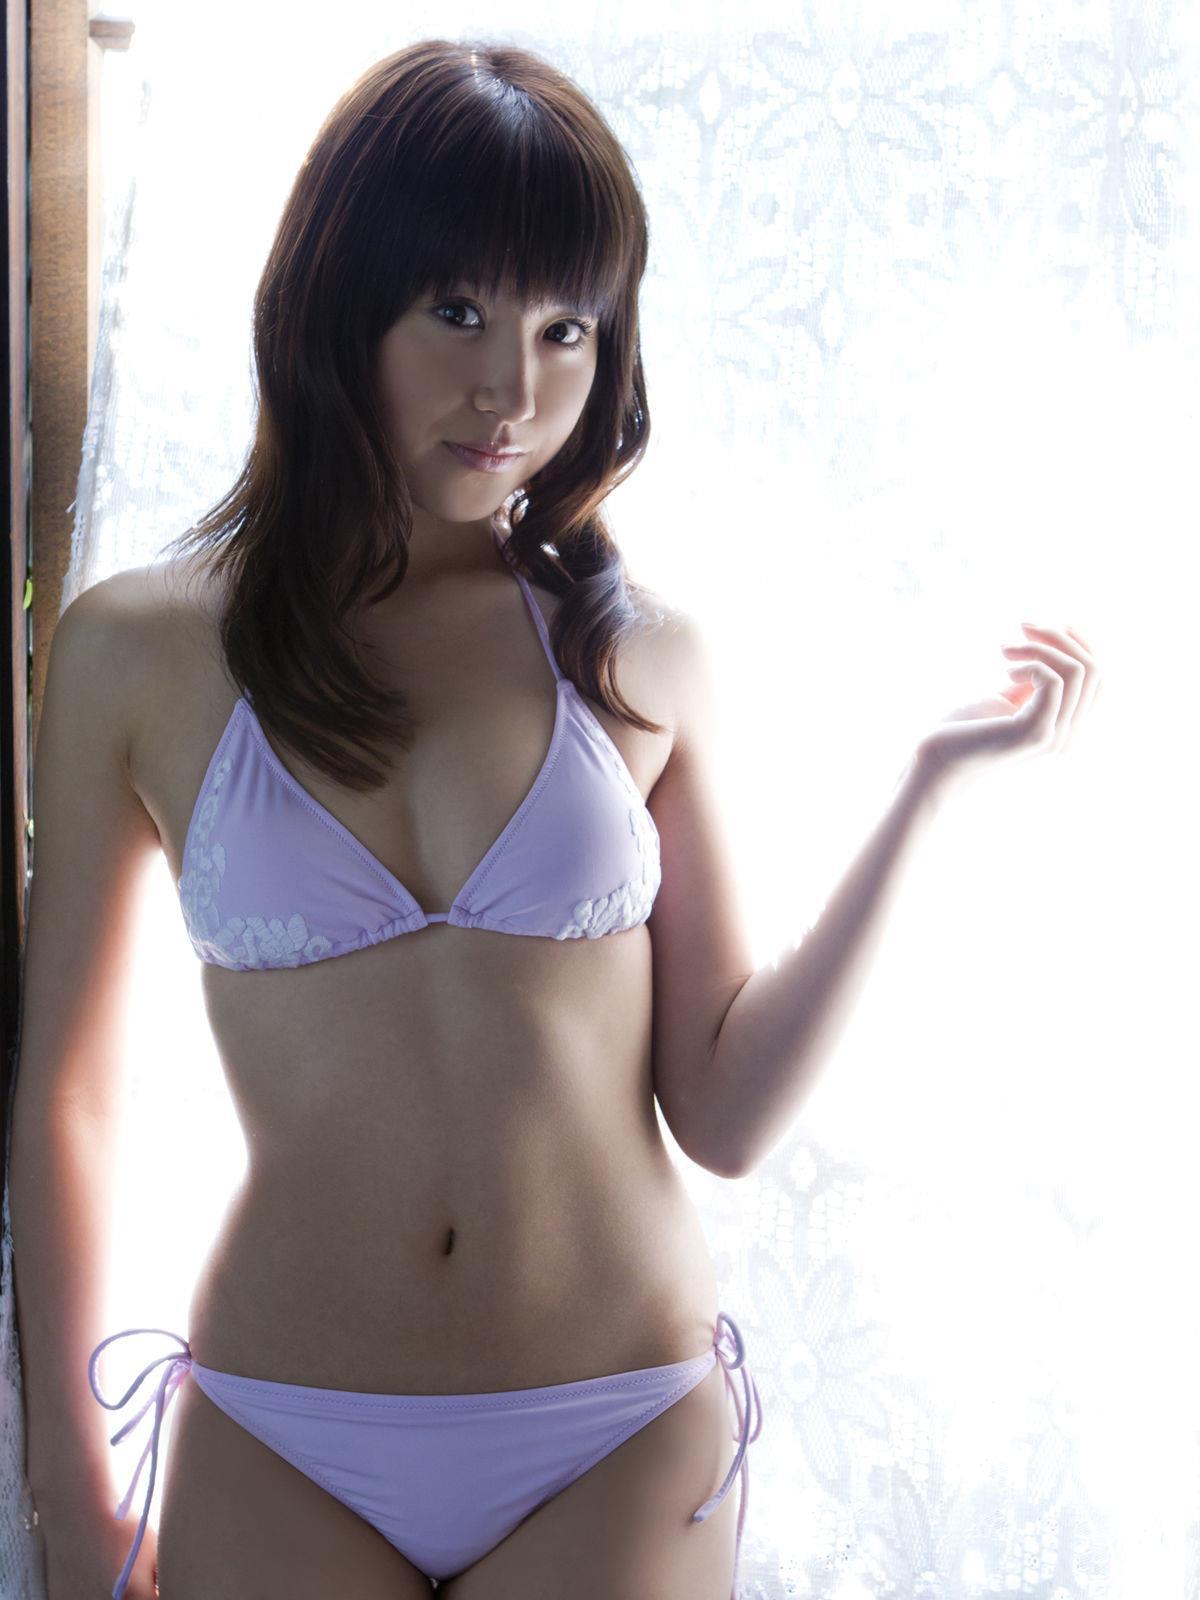 衛藤美彩 過激水着のグラビア画像 53